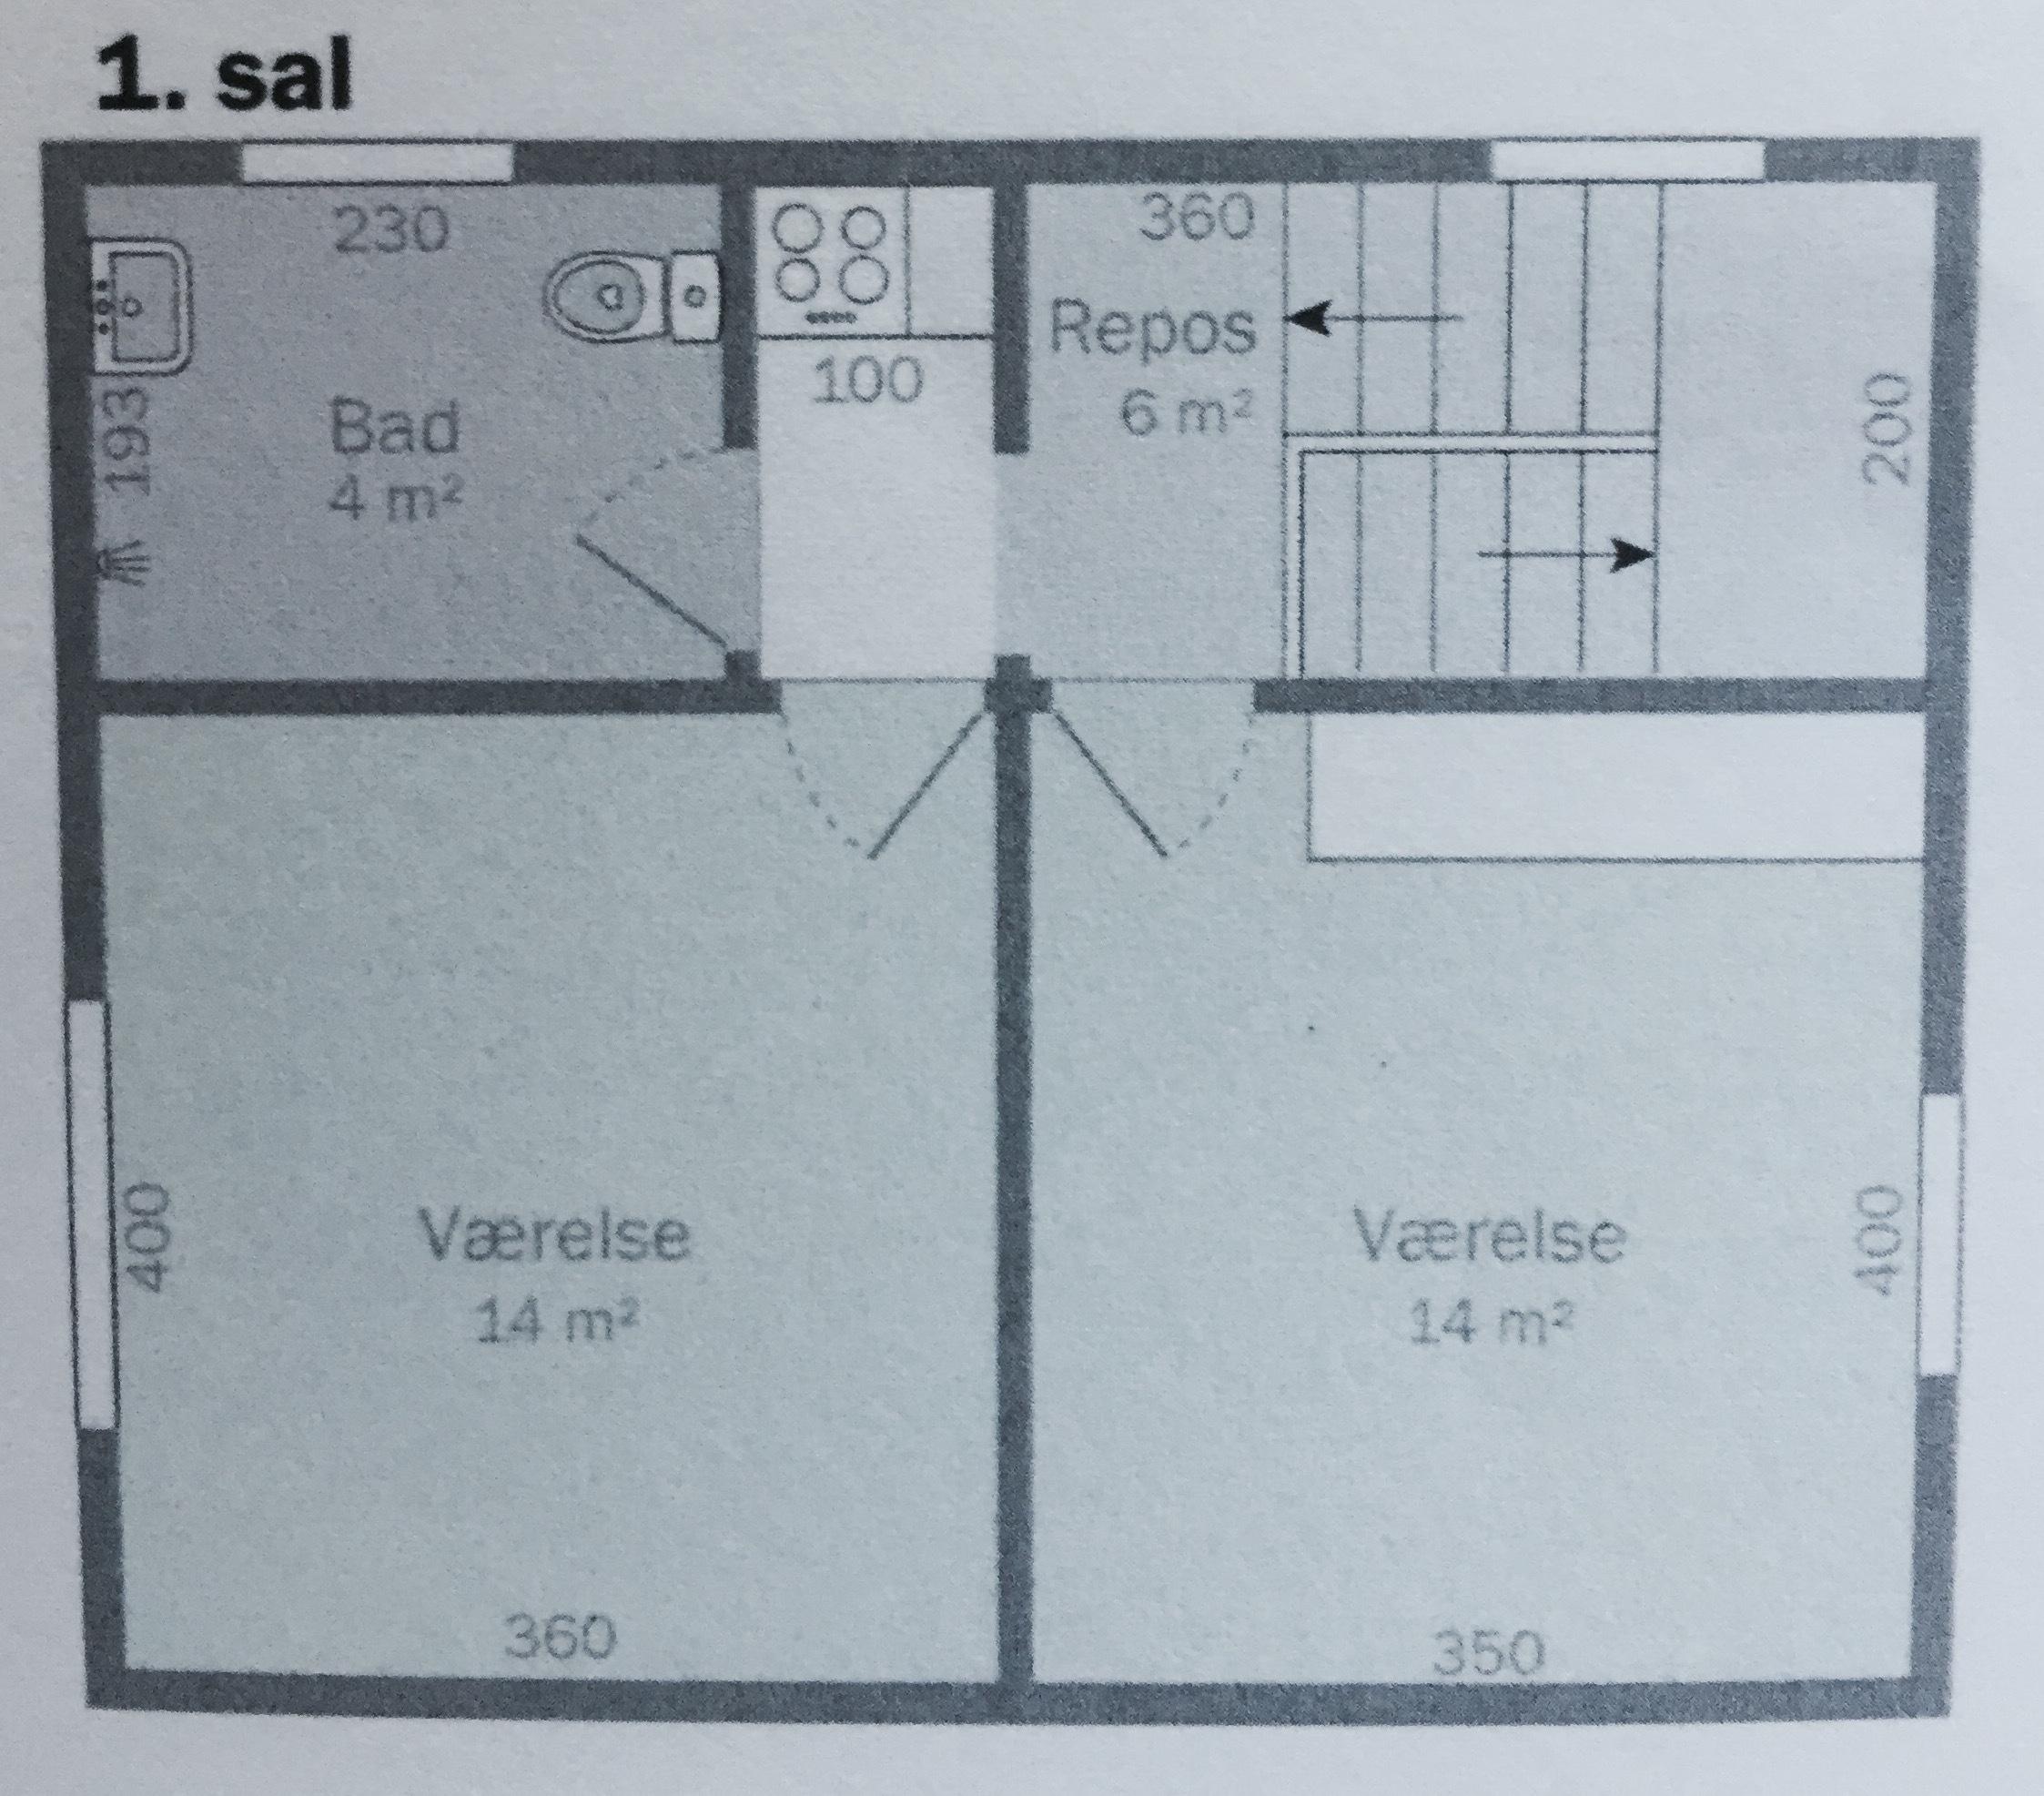 Dejligt lyst værelse på 14 m2 udlejes til rolig studerende